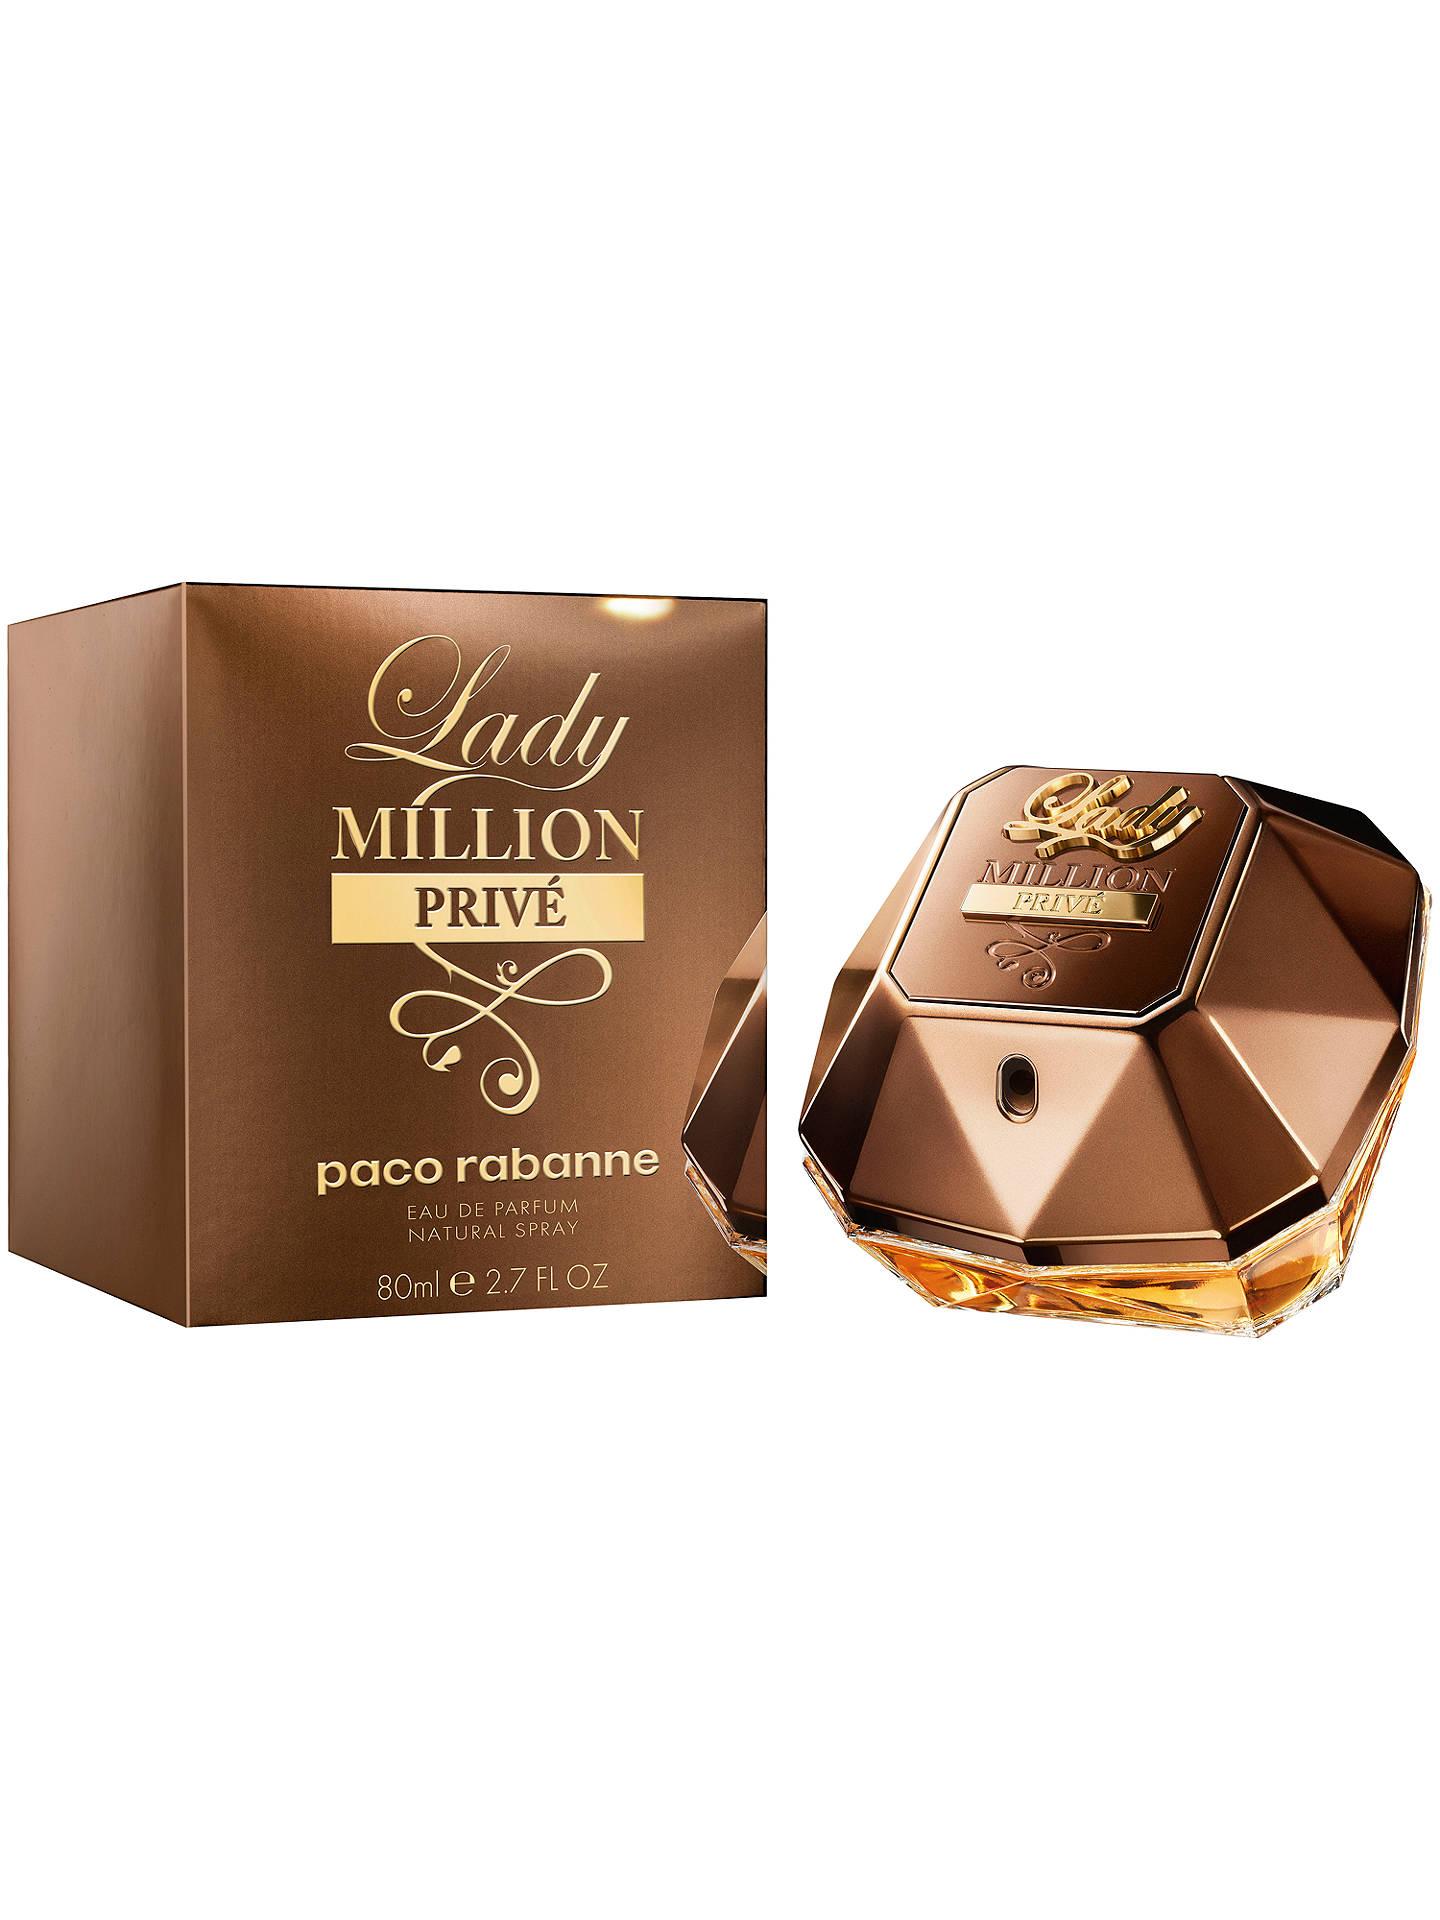 Paco Rabanne Lady Million Privé Eau De Parfum At John Lewis Partners